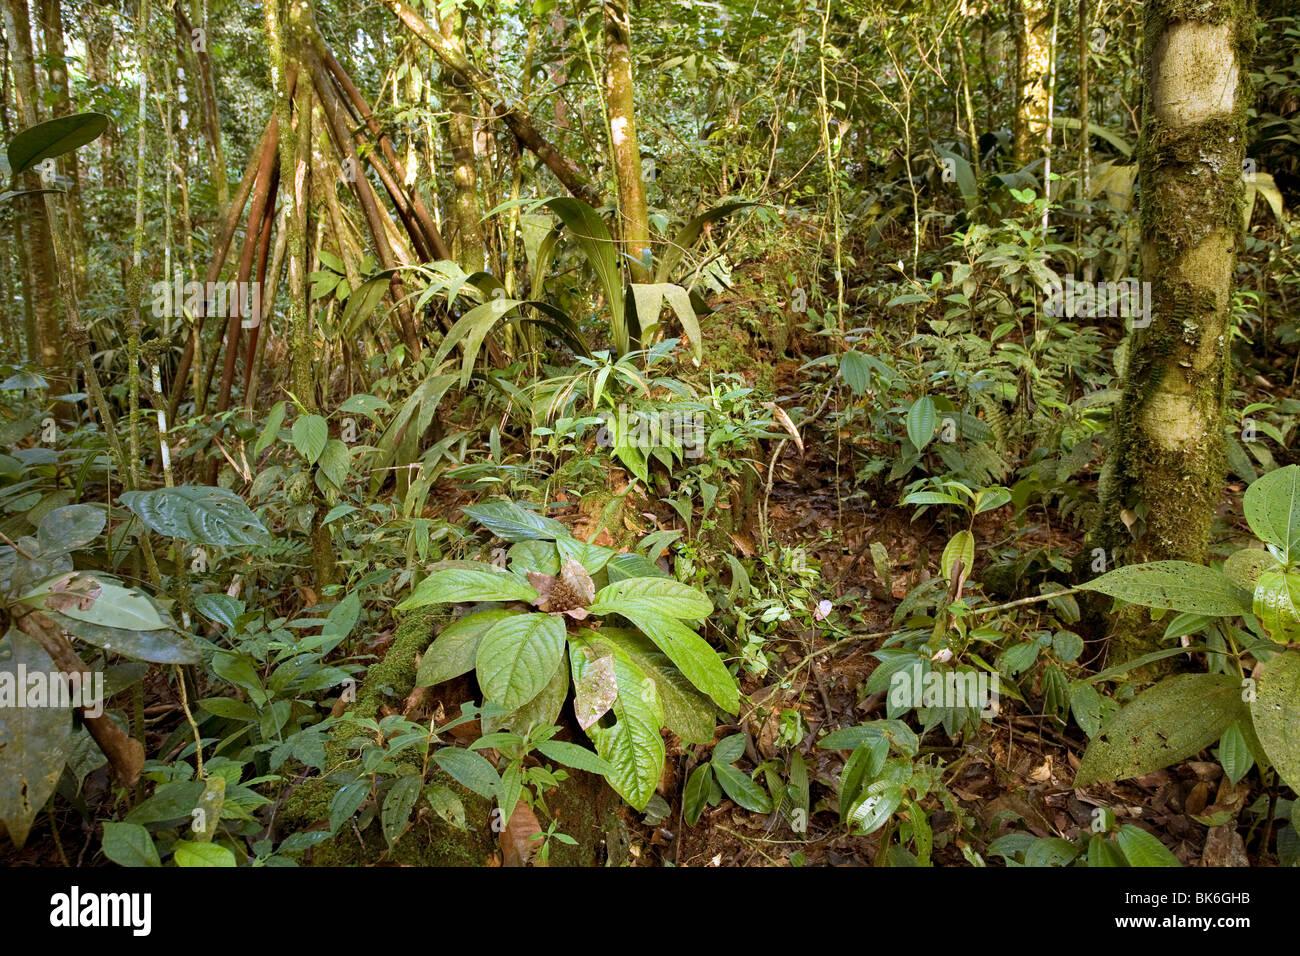 L'intérieur de la forêt tropicale de montagne à 1 000 m d'altitude, à l'Équateur Photo Stock